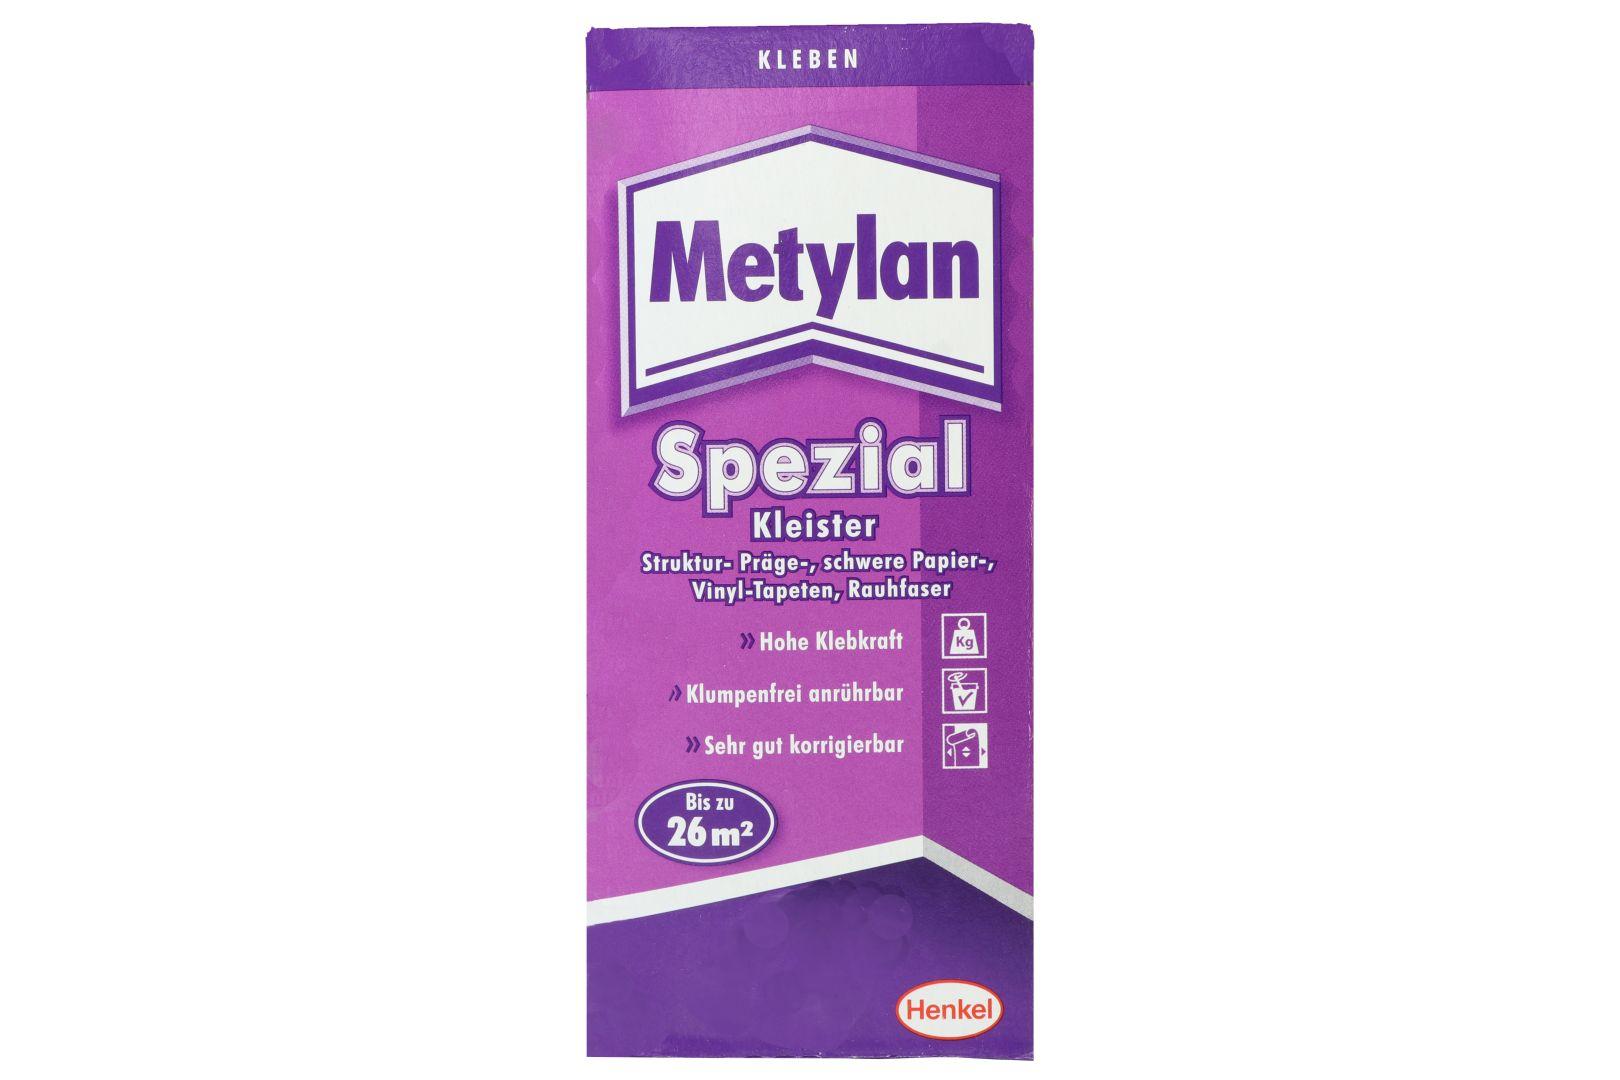 Metylan Spezial Kleister, Ausbeute ca. 26 m², 200 g